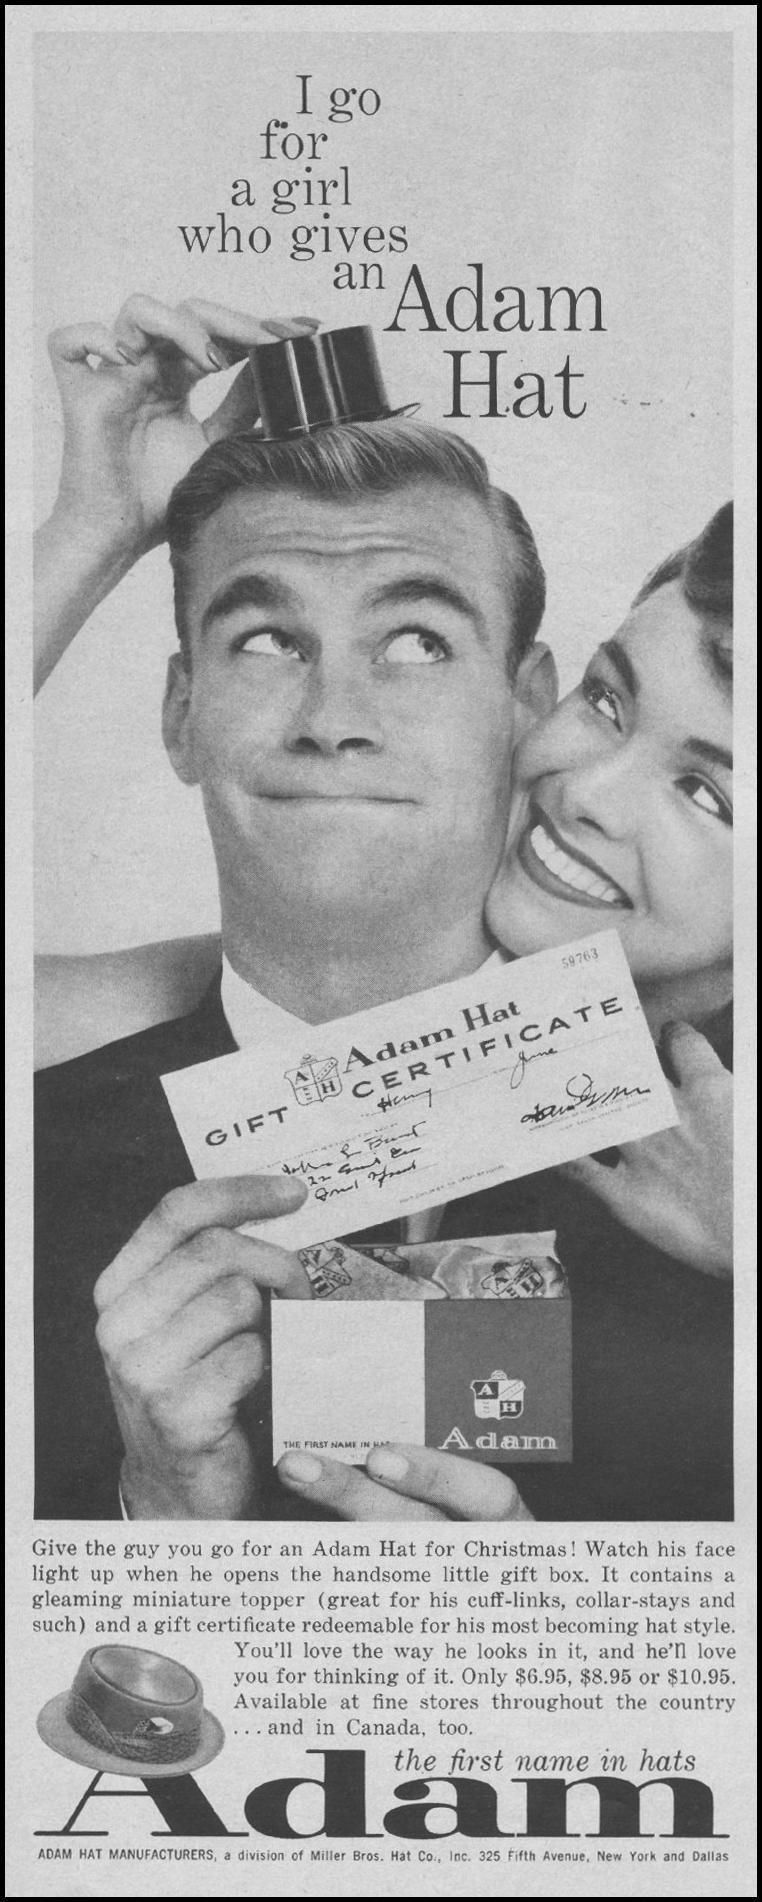 ADAM HAT GIFT CERTIFICATES LIFE 12/08/1958 p. 68